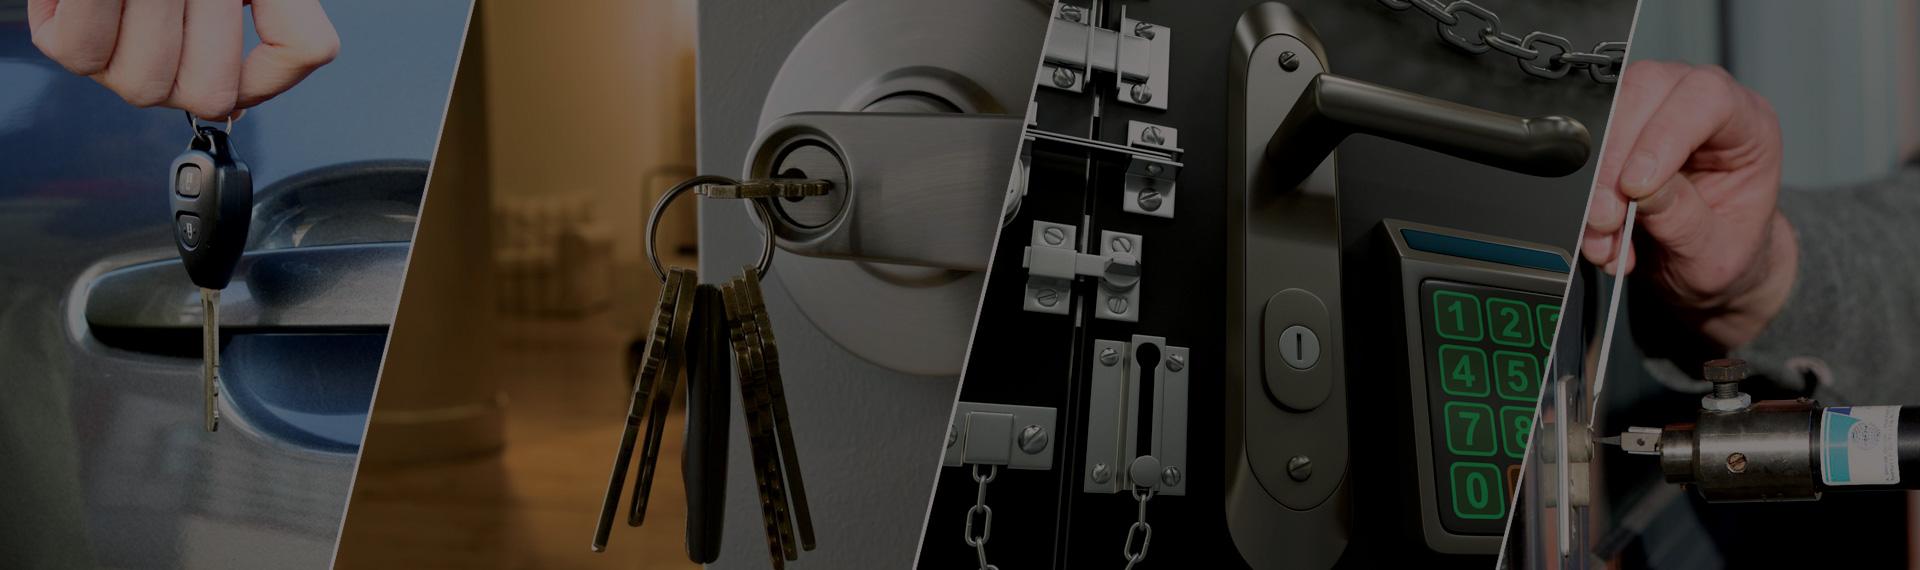 A 24 Hours Emergency Locksmith Mamaroneck NY